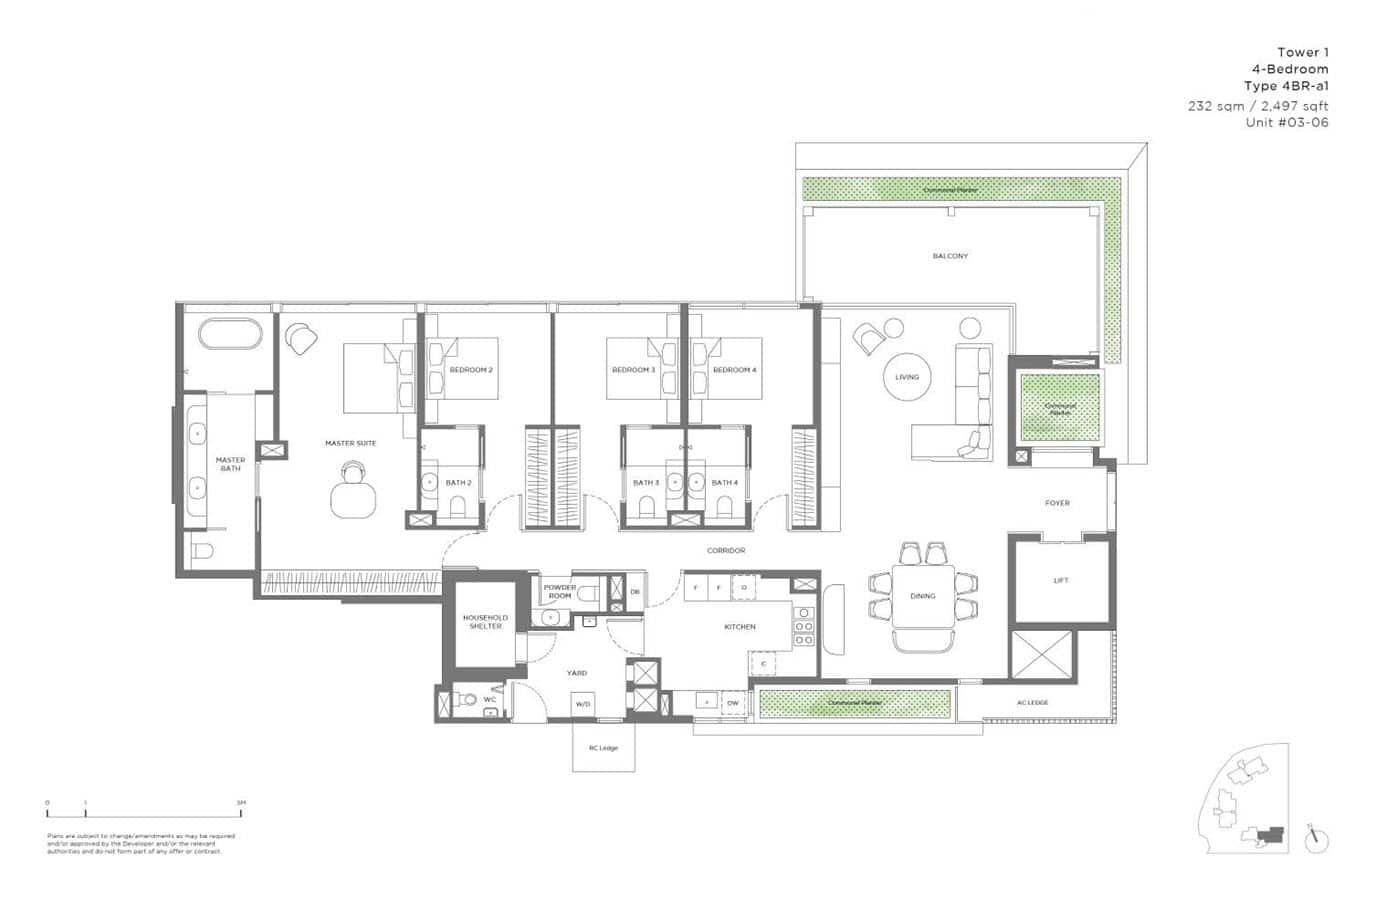 15 Holland Hill - Floor Plan - 4 Bedroom 4BR-a1